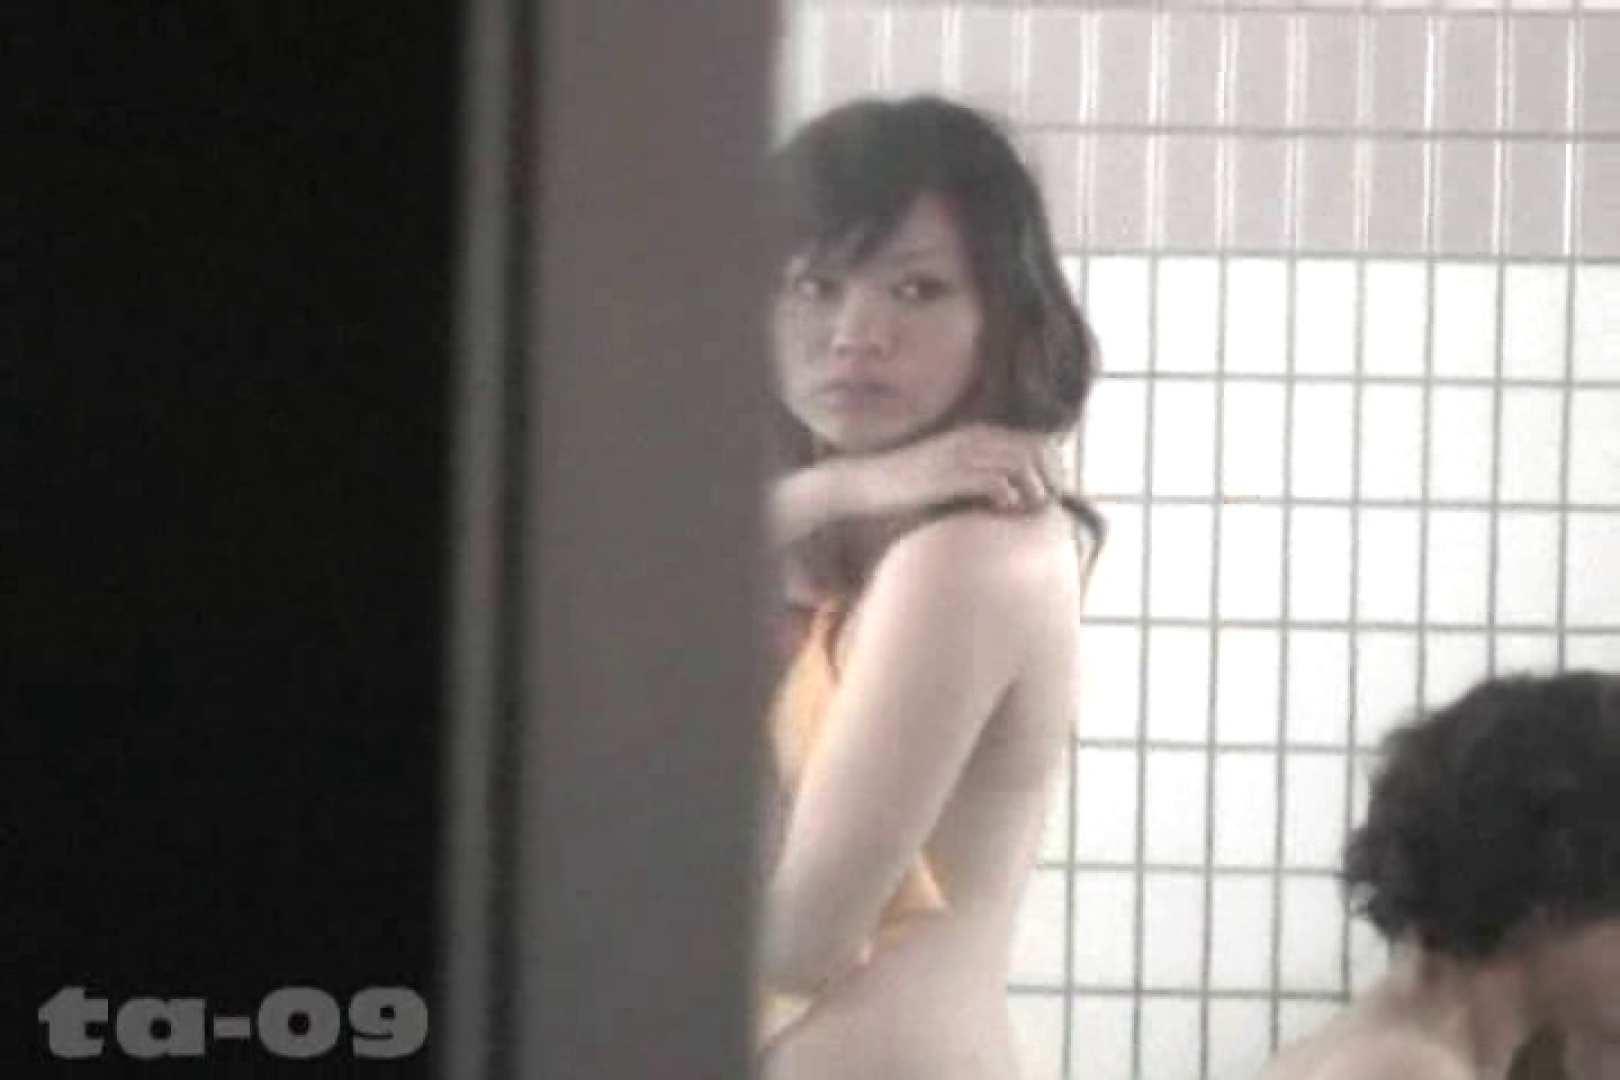 合宿ホテル女風呂盗撮高画質版 Vol.09 盗撮編 すけべAV動画紹介 96枚 18